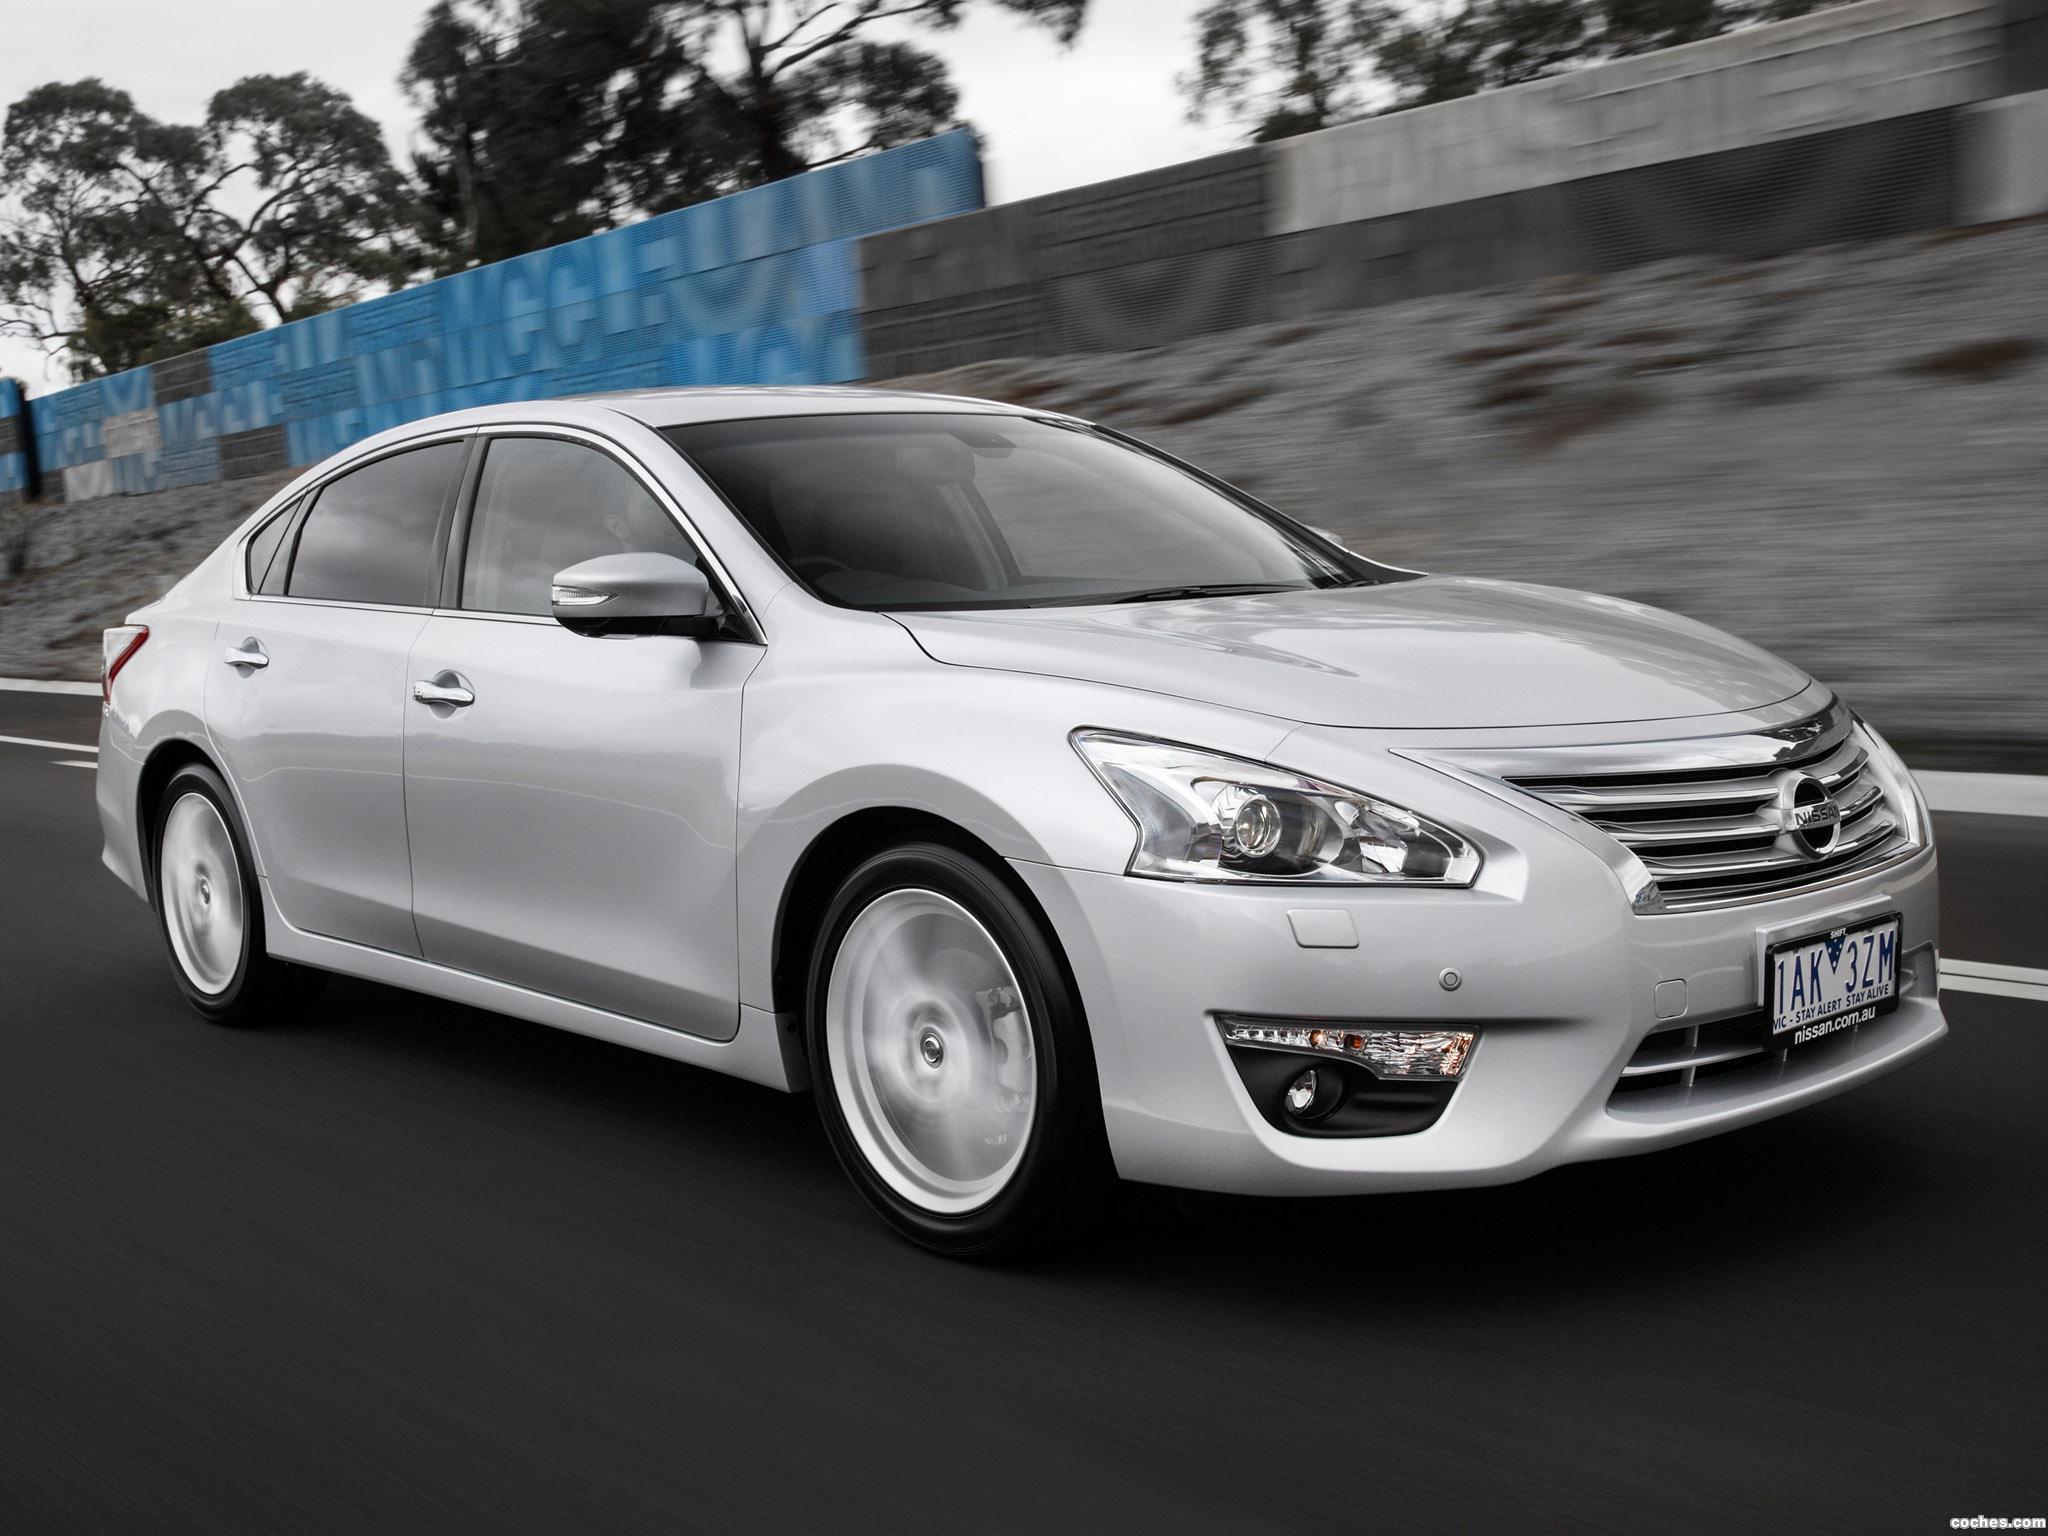 Foto 0 de Nissan Altima Australia 2013